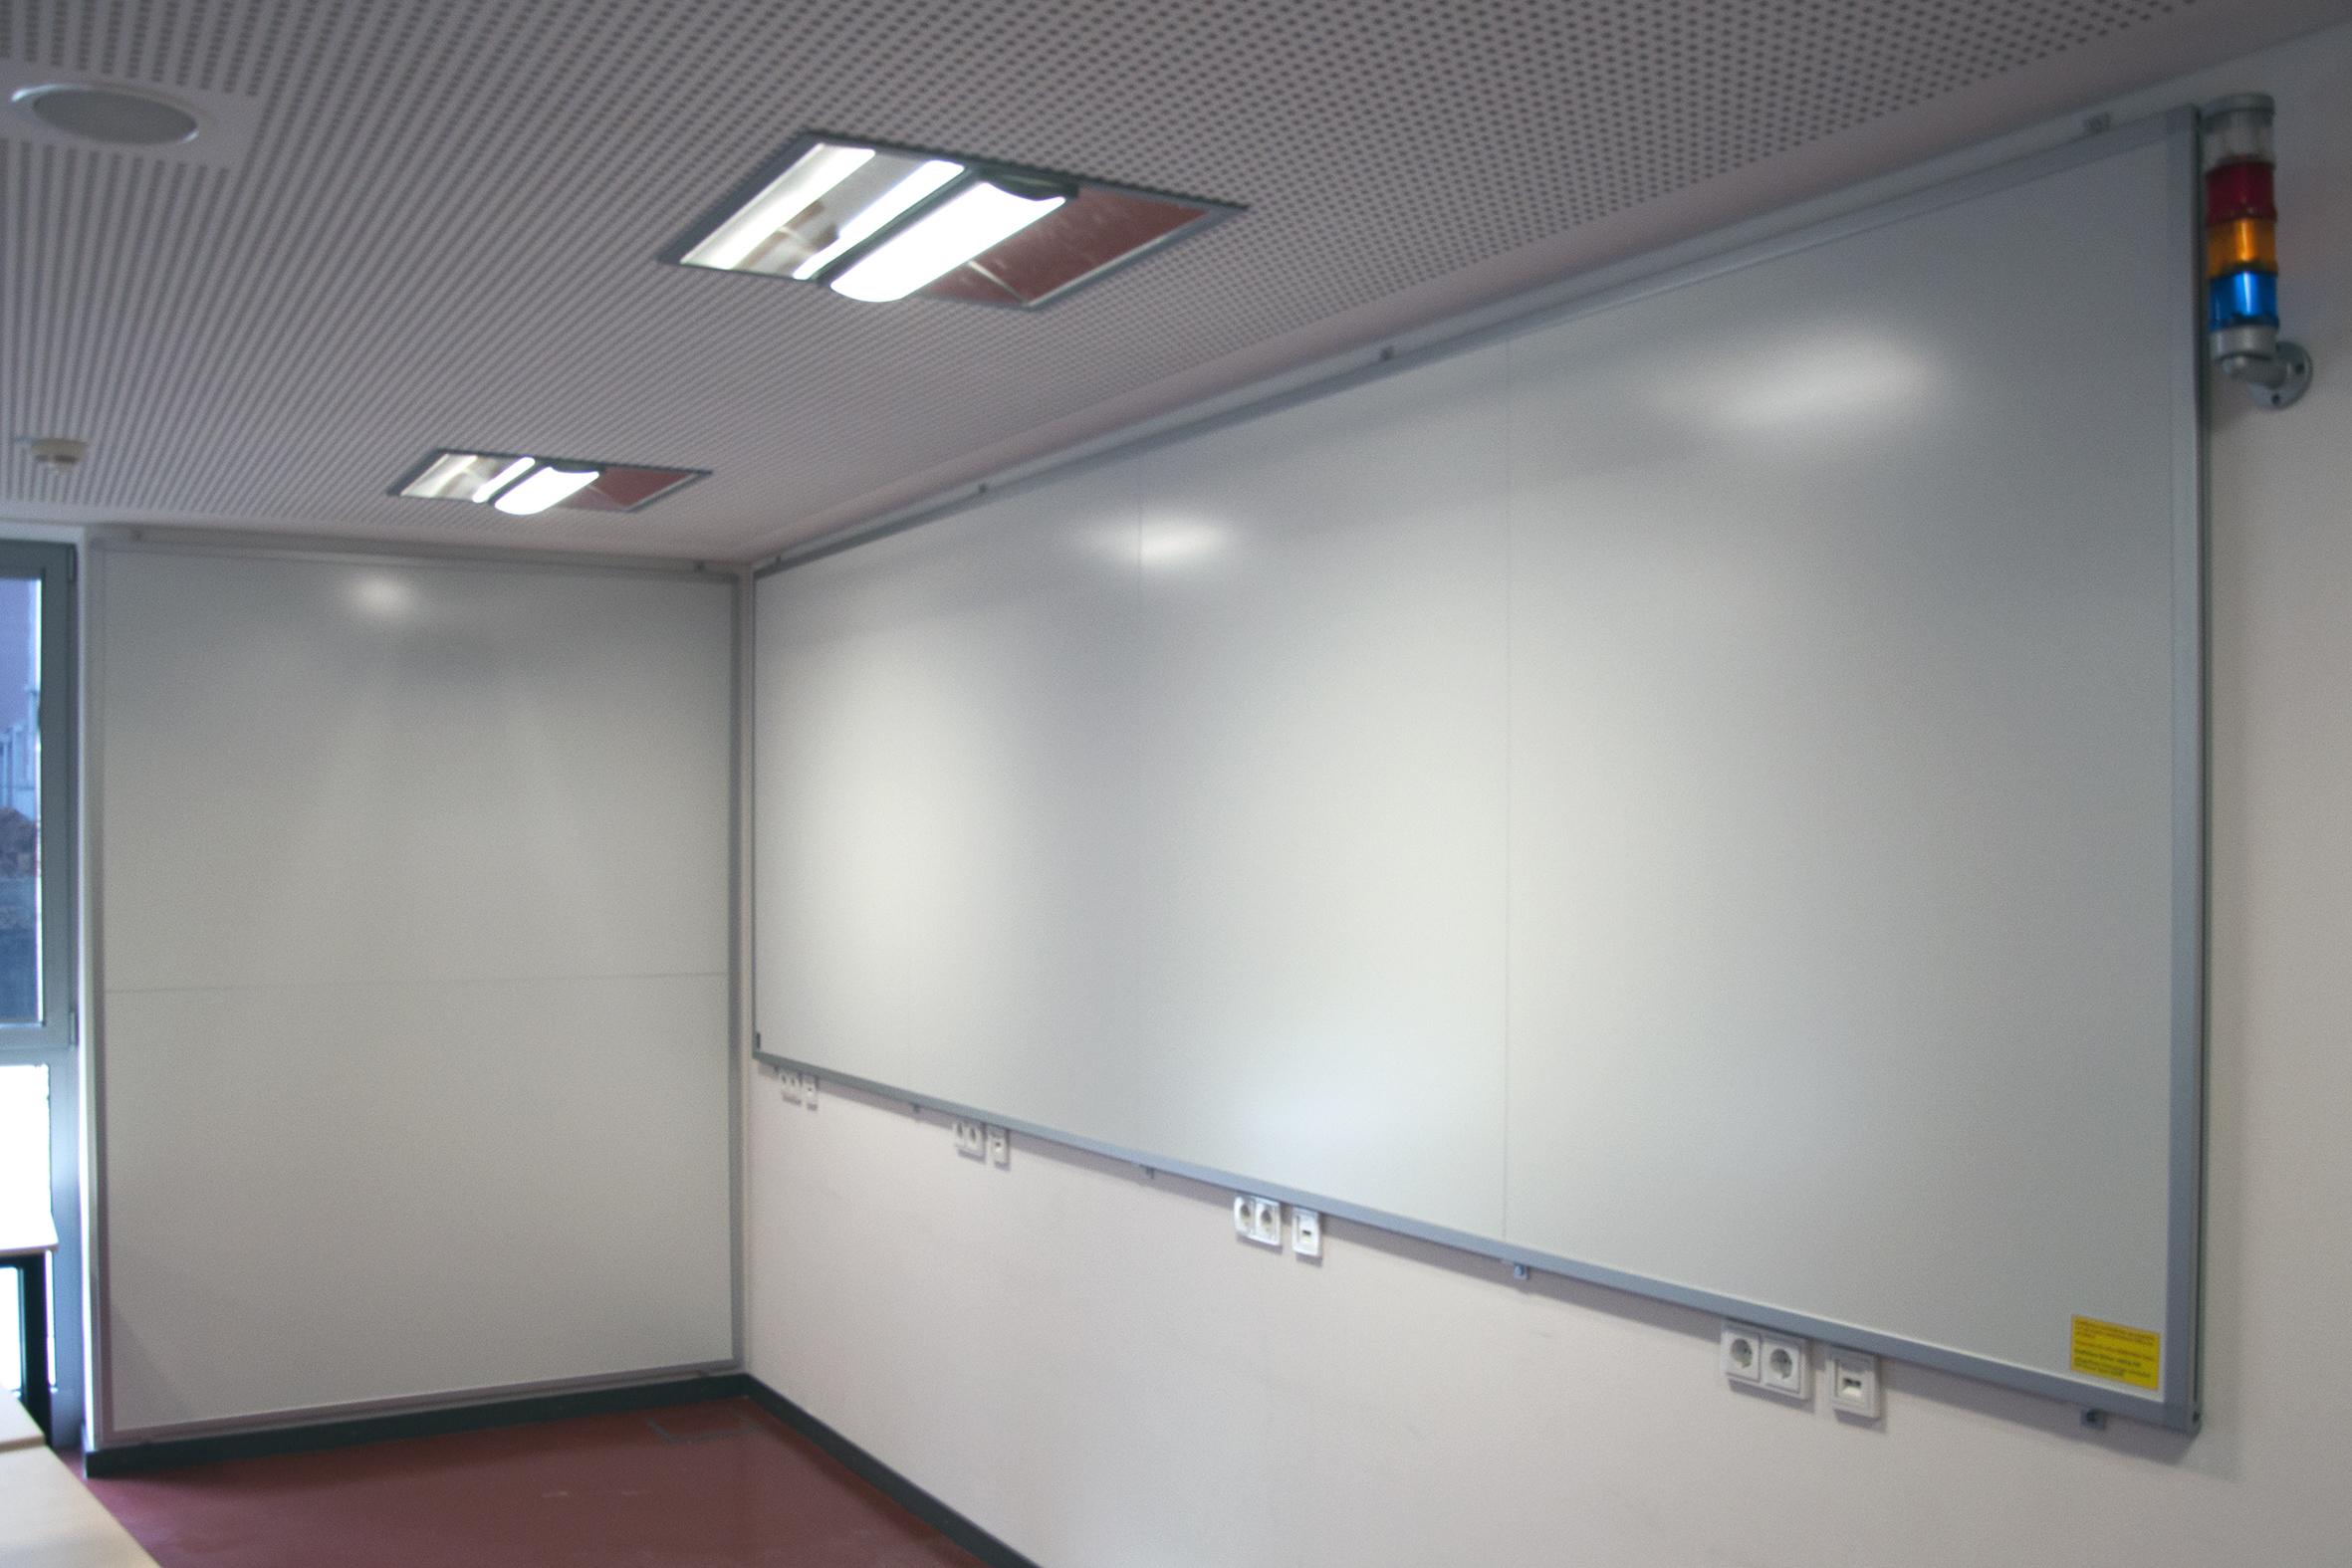 2 Wandtafeln, Größe angepasst an die vorhandenen Platzverhältnisse